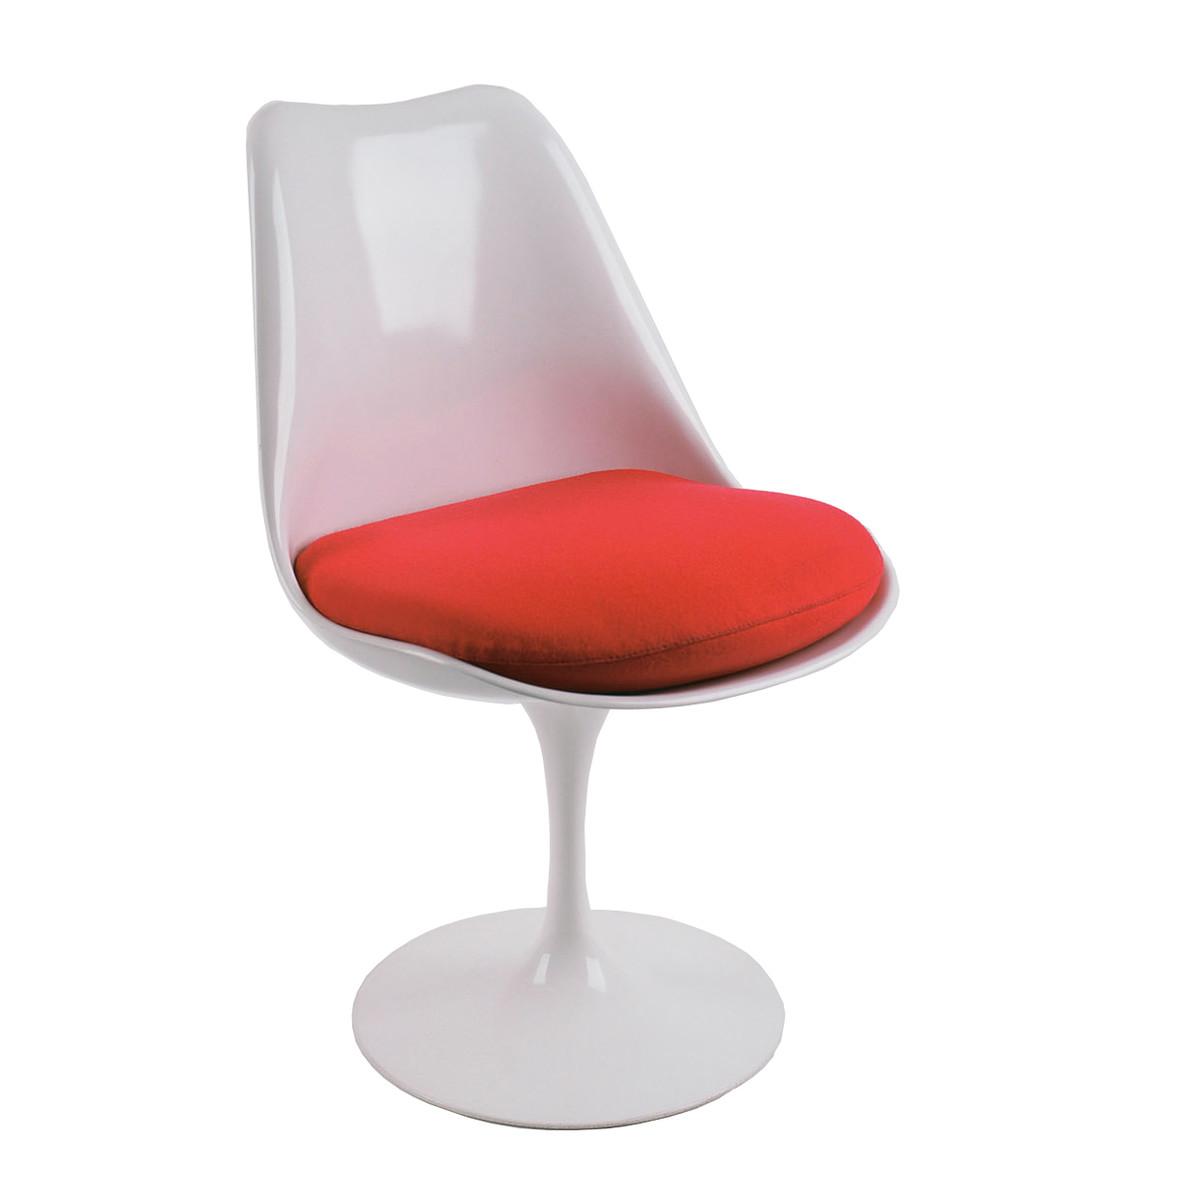 knoll international knoll saarinen tulip stuhl drehbar. Black Bedroom Furniture Sets. Home Design Ideas